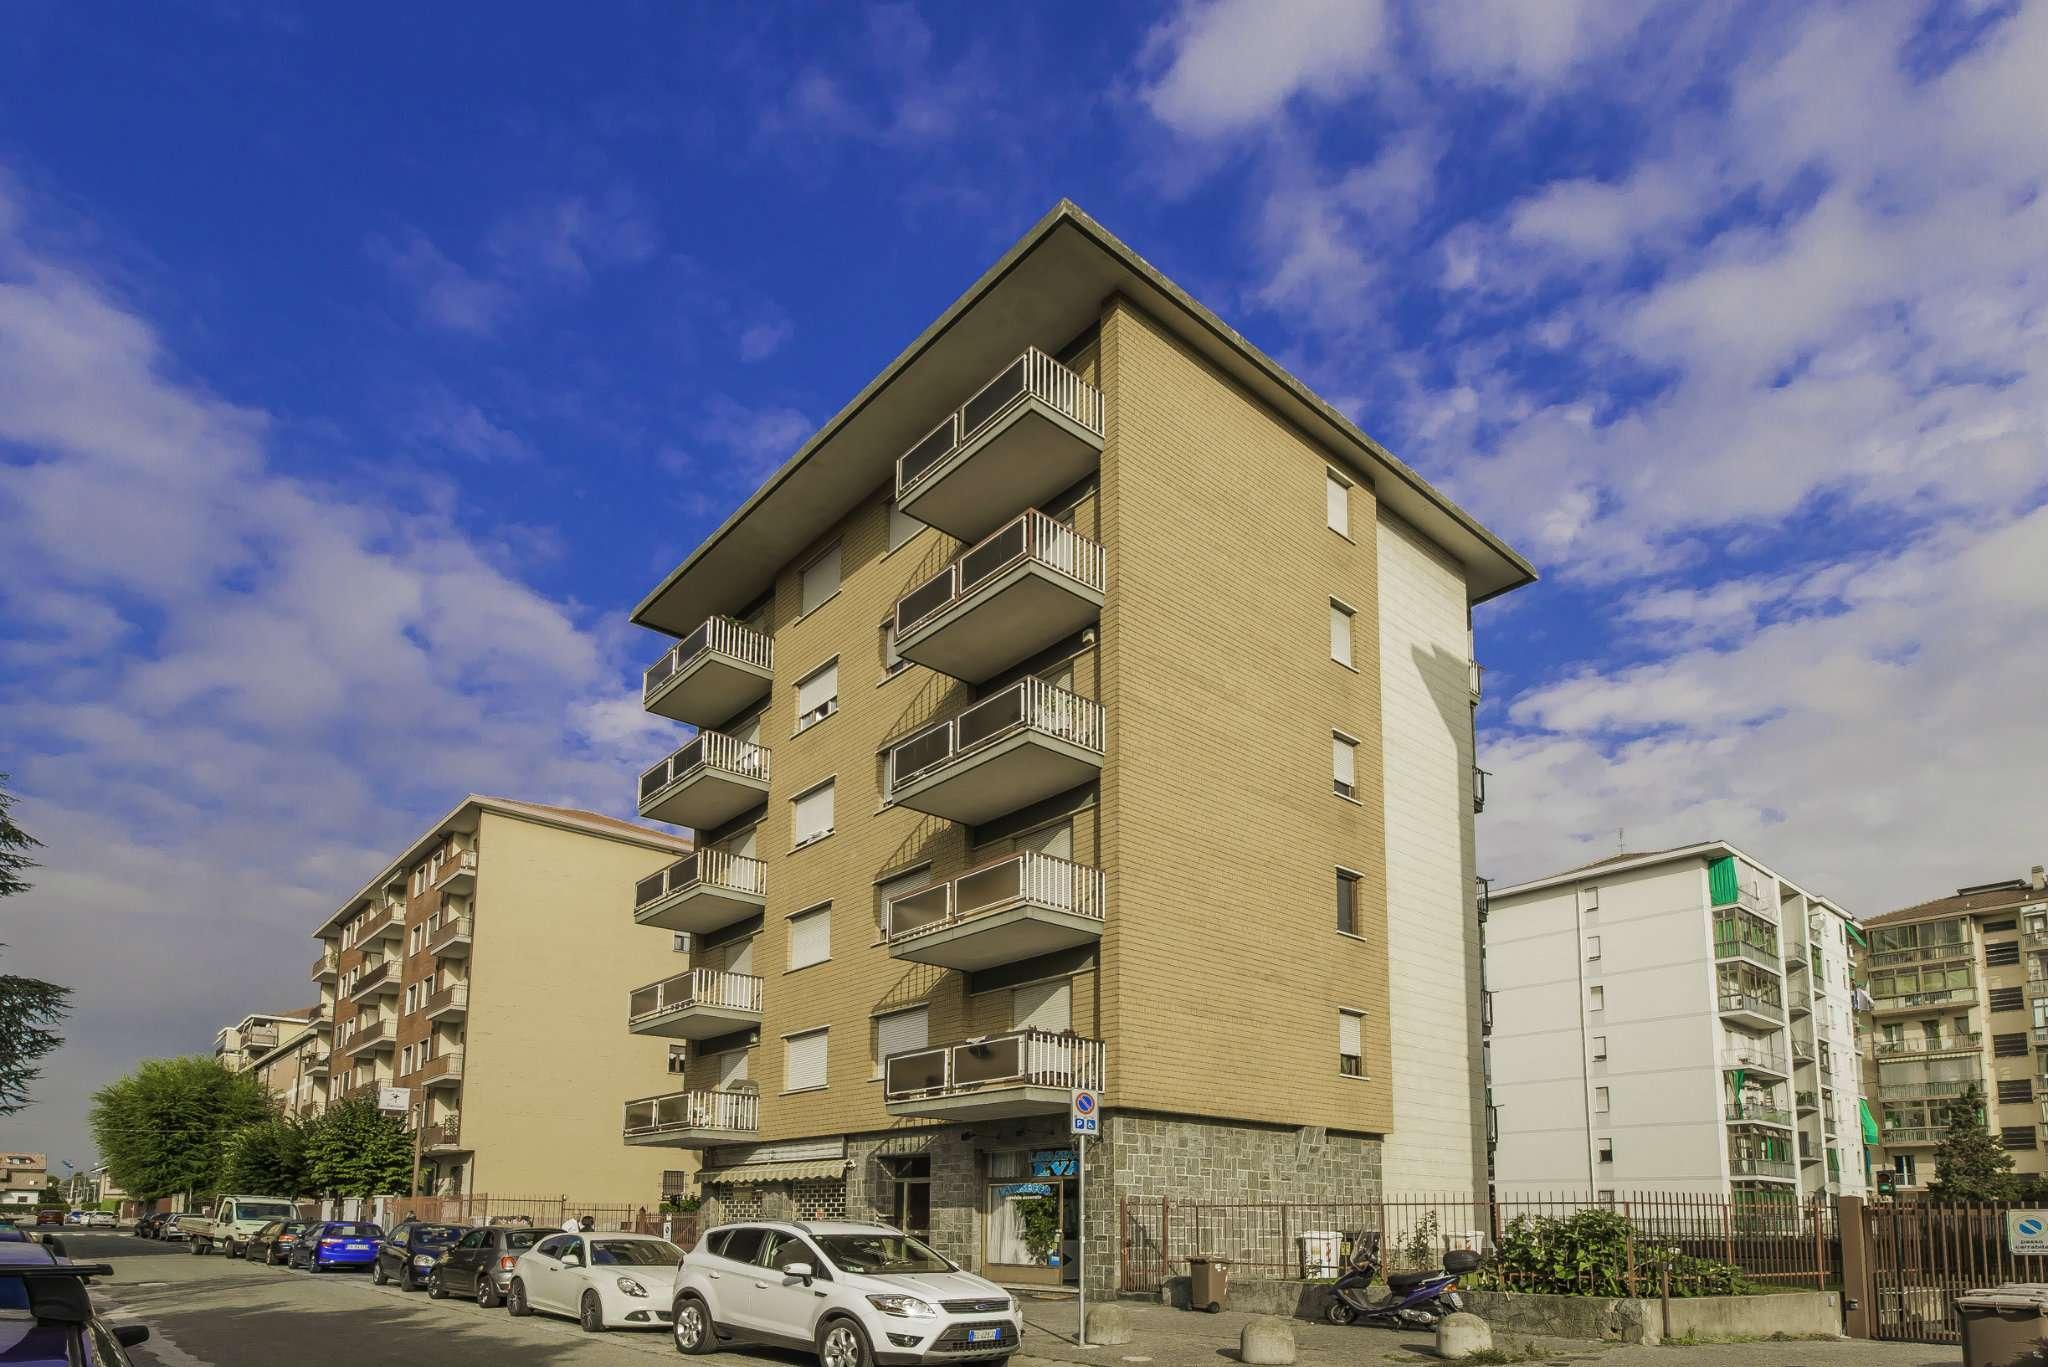 Negozio / Locale in vendita a Collegno, 2 locali, prezzo € 69.000 | PortaleAgenzieImmobiliari.it